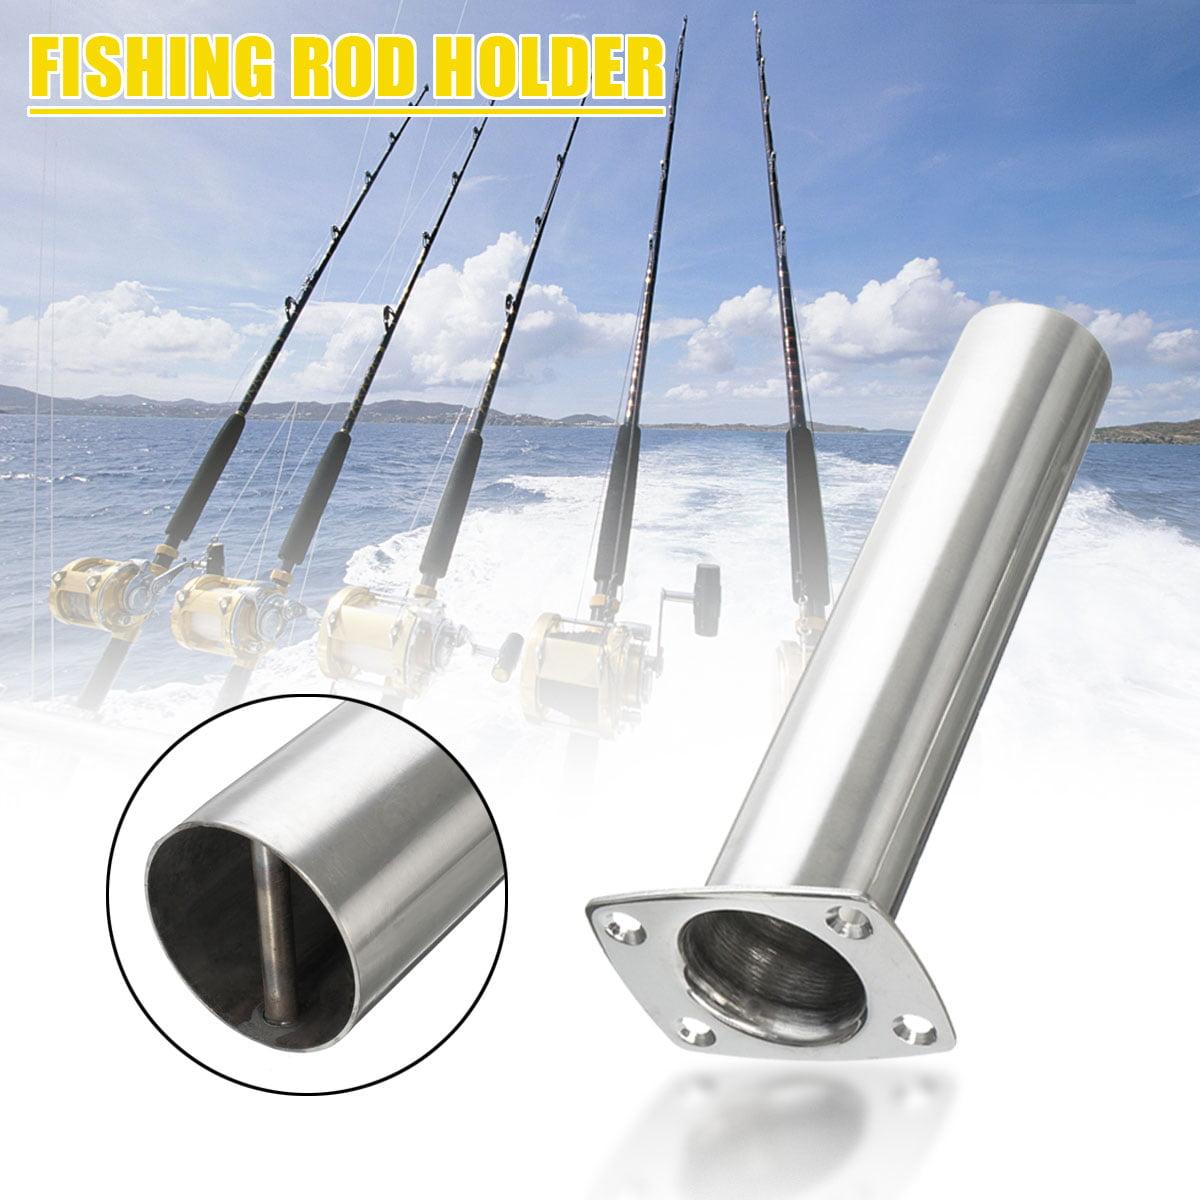 Set of 2 fishing Rod Holder Flush Mount Stainless Steel for Boat 90 Degree